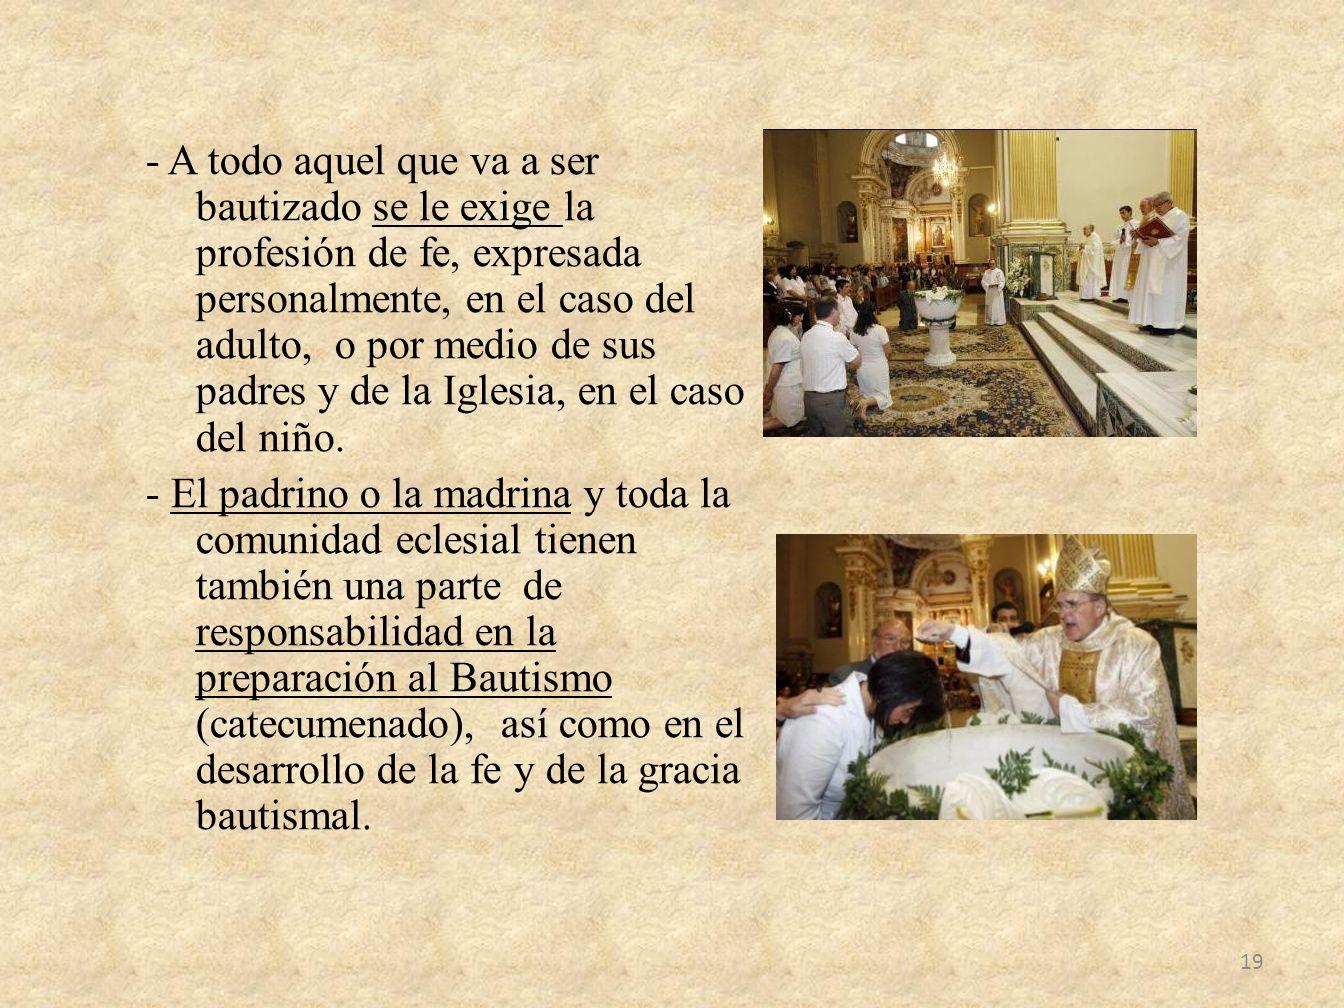 - A todo aquel que va a ser bautizado se le exige la profesión de fe, expresada personalmente, en el caso del adulto, o por medio de sus padres y de la Iglesia, en el caso del niño.